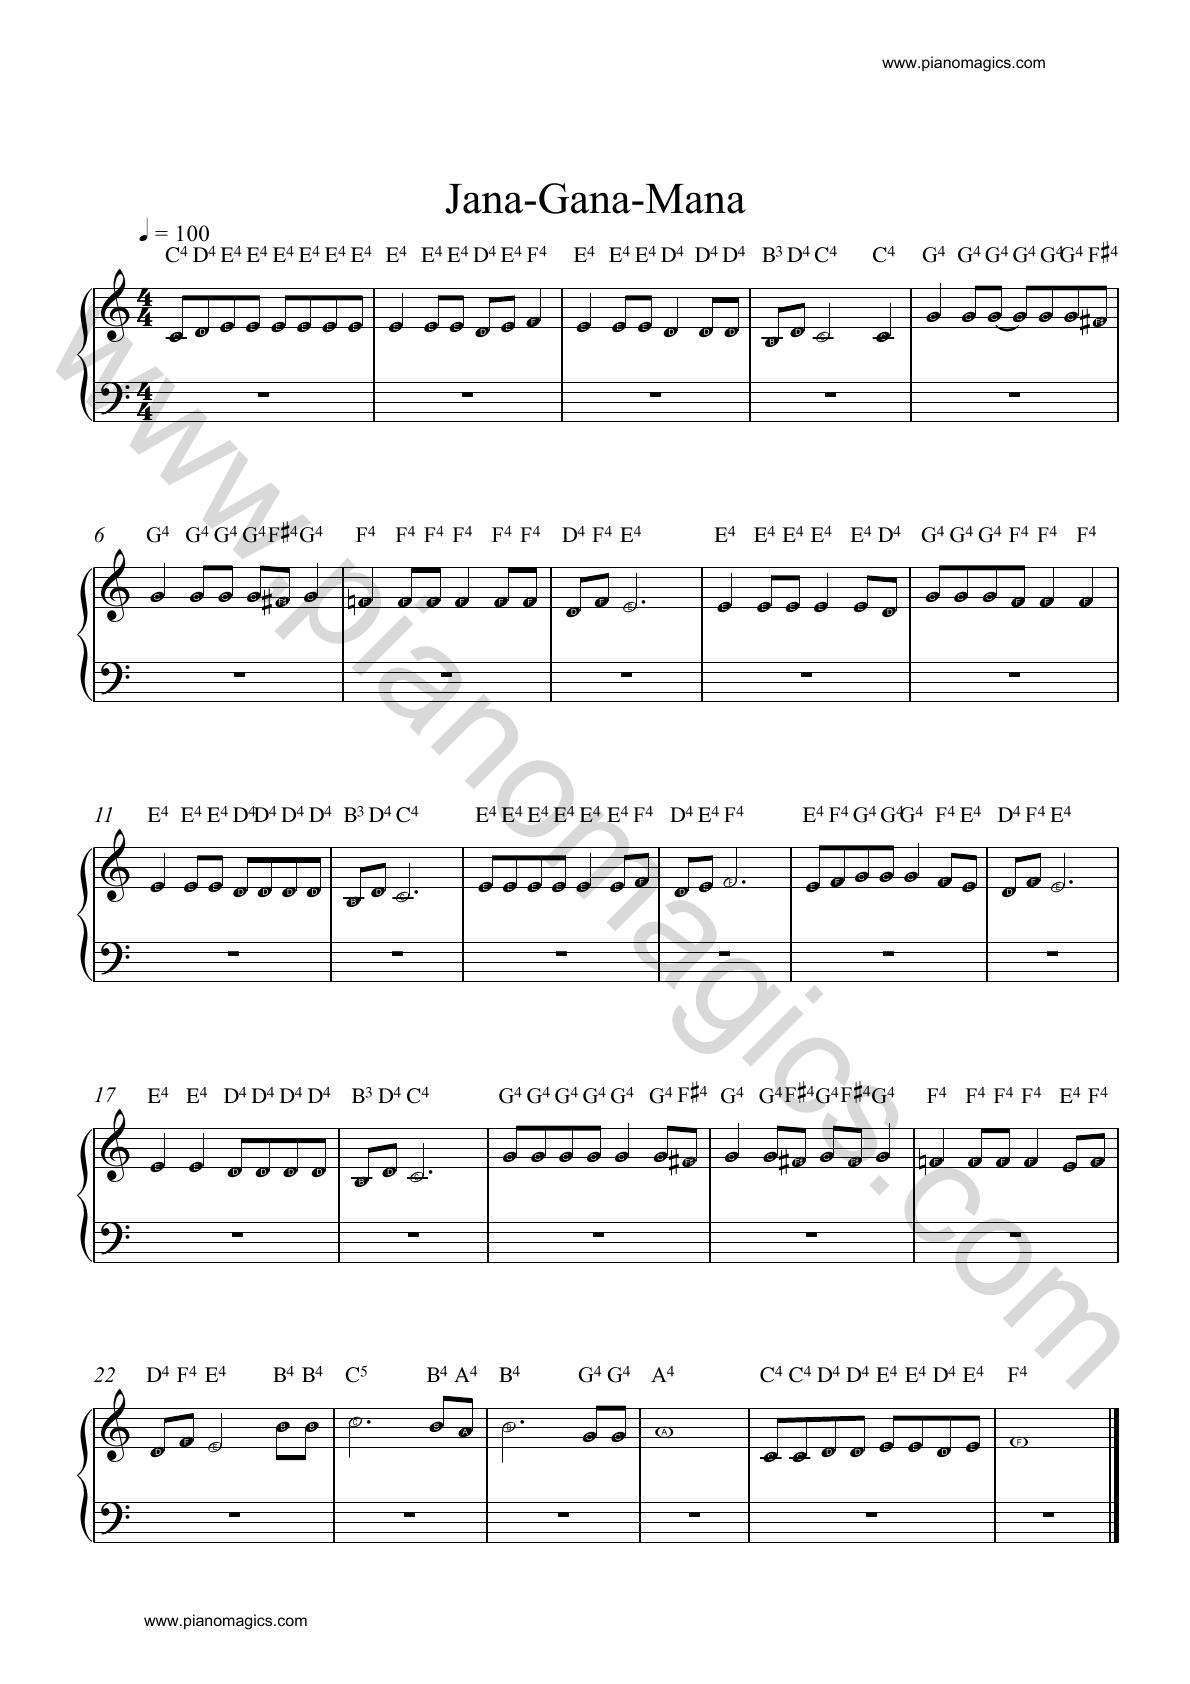 jana gana mana piano sheet music